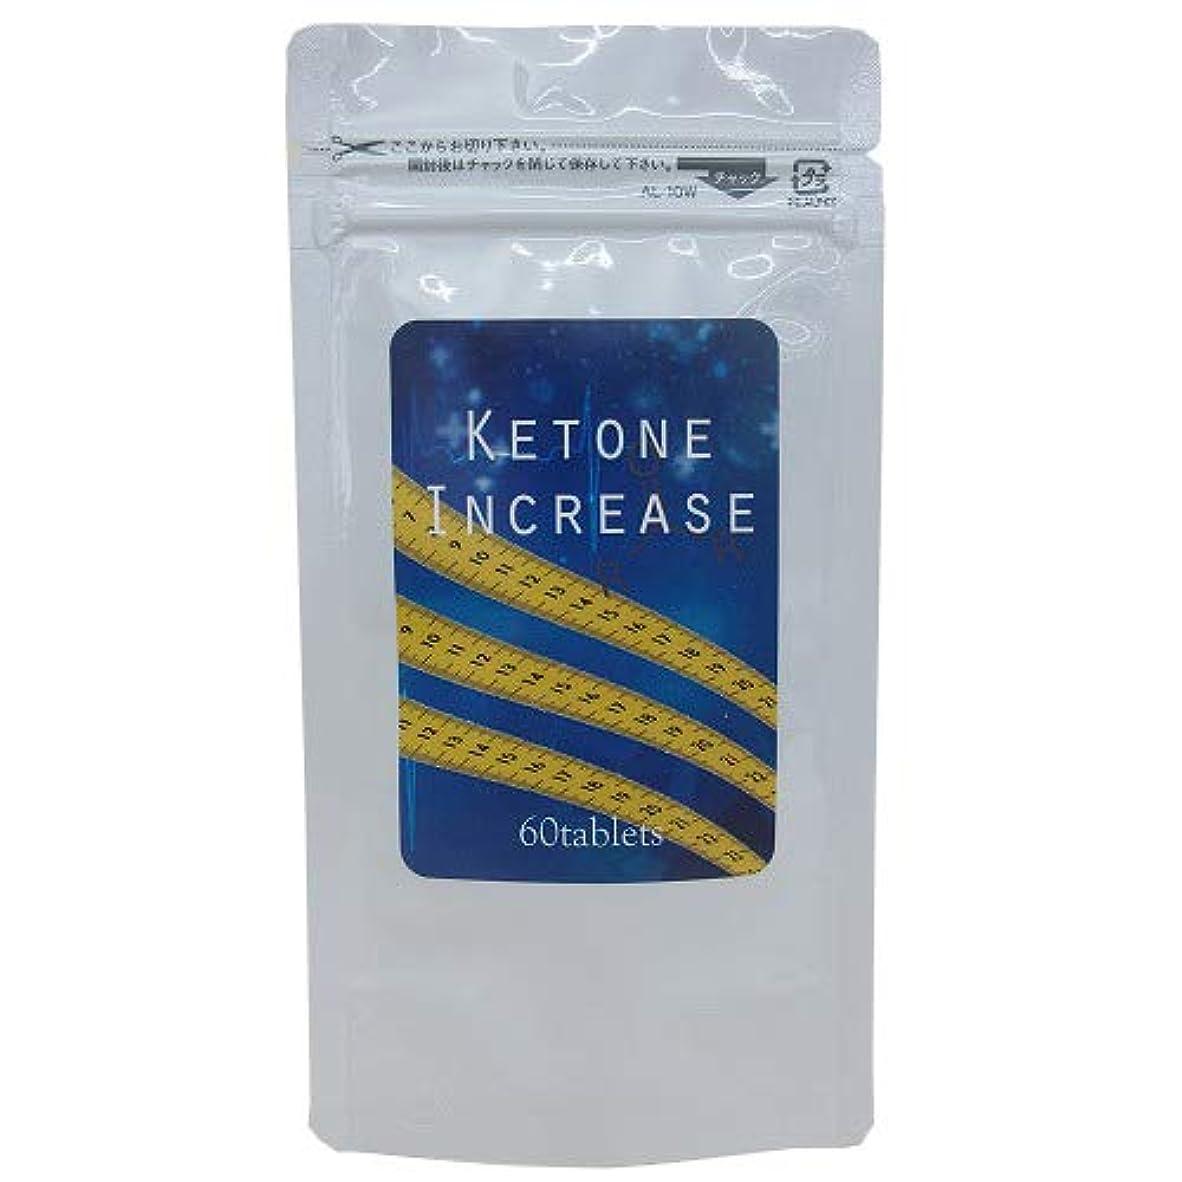 生着るまたねケトンインクリーズ 60粒 約30日分 ダイエットサポート